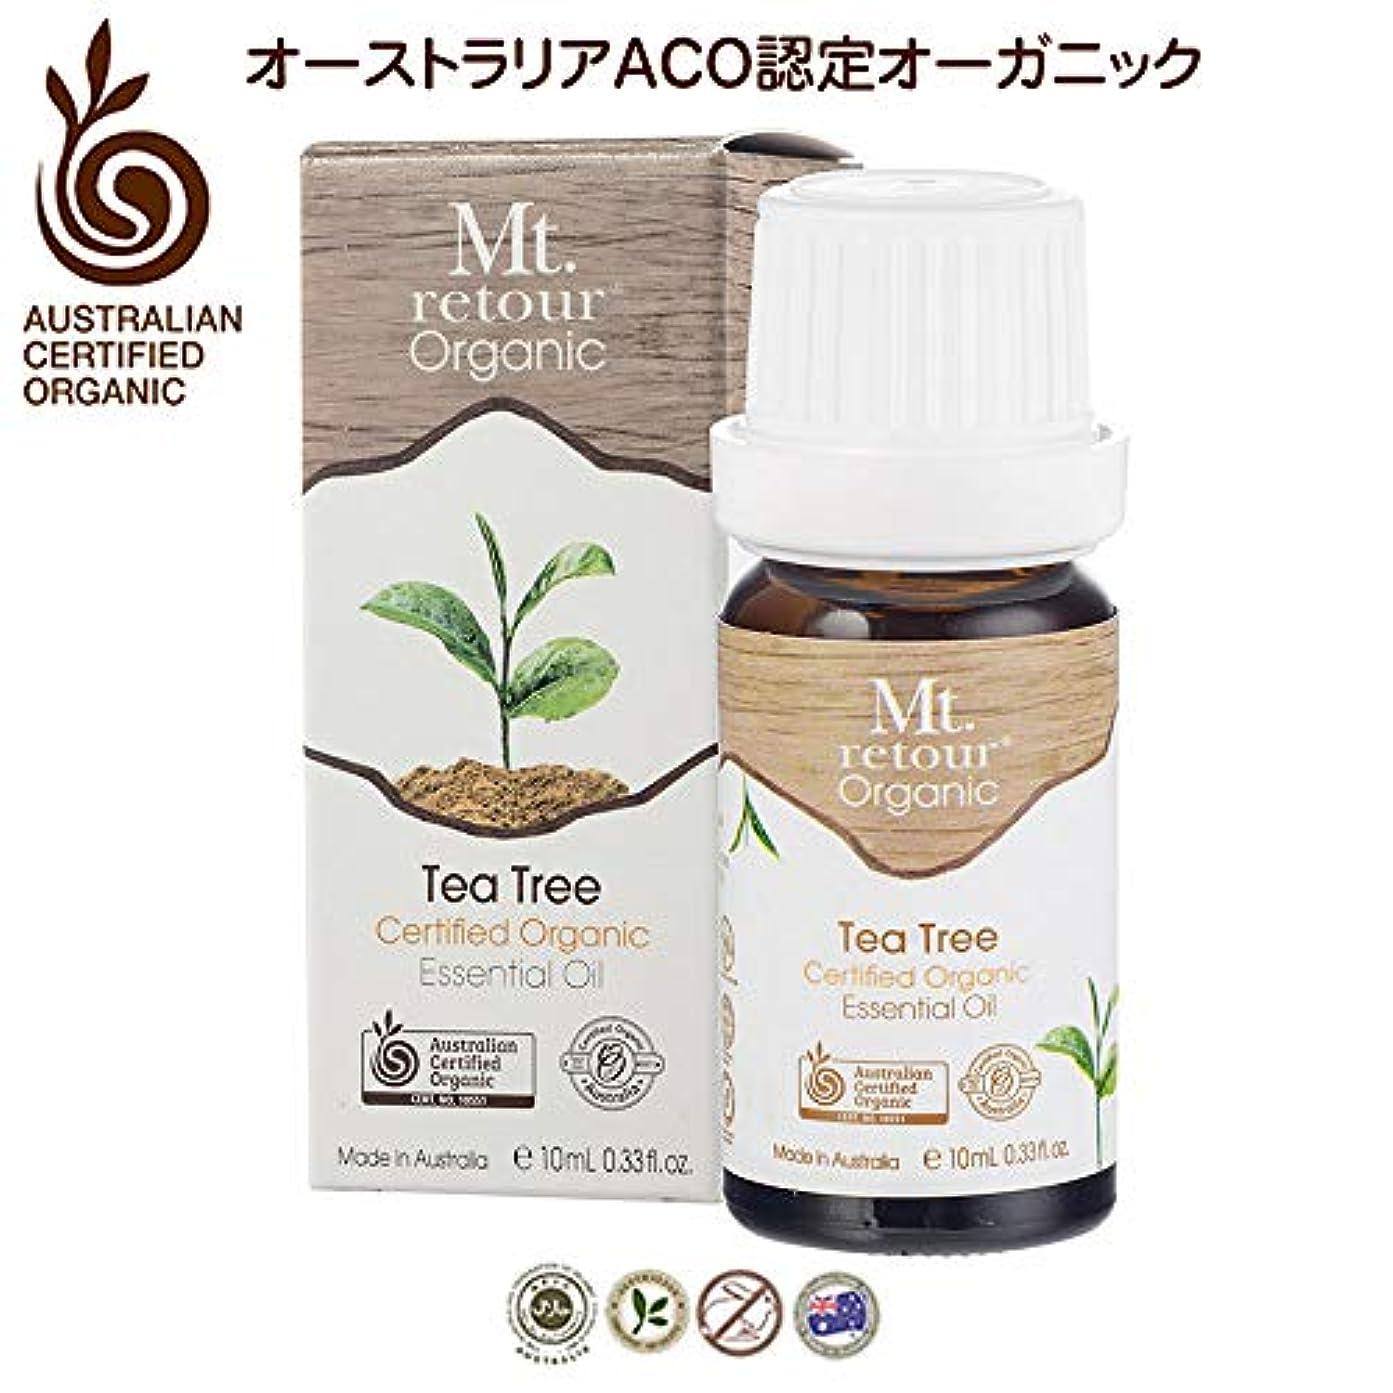 摩擦理由虫Mt. retour ACO認定オーガニック ティーツリー 10ml エッセンシャルオイル(無農薬有機)アロマ